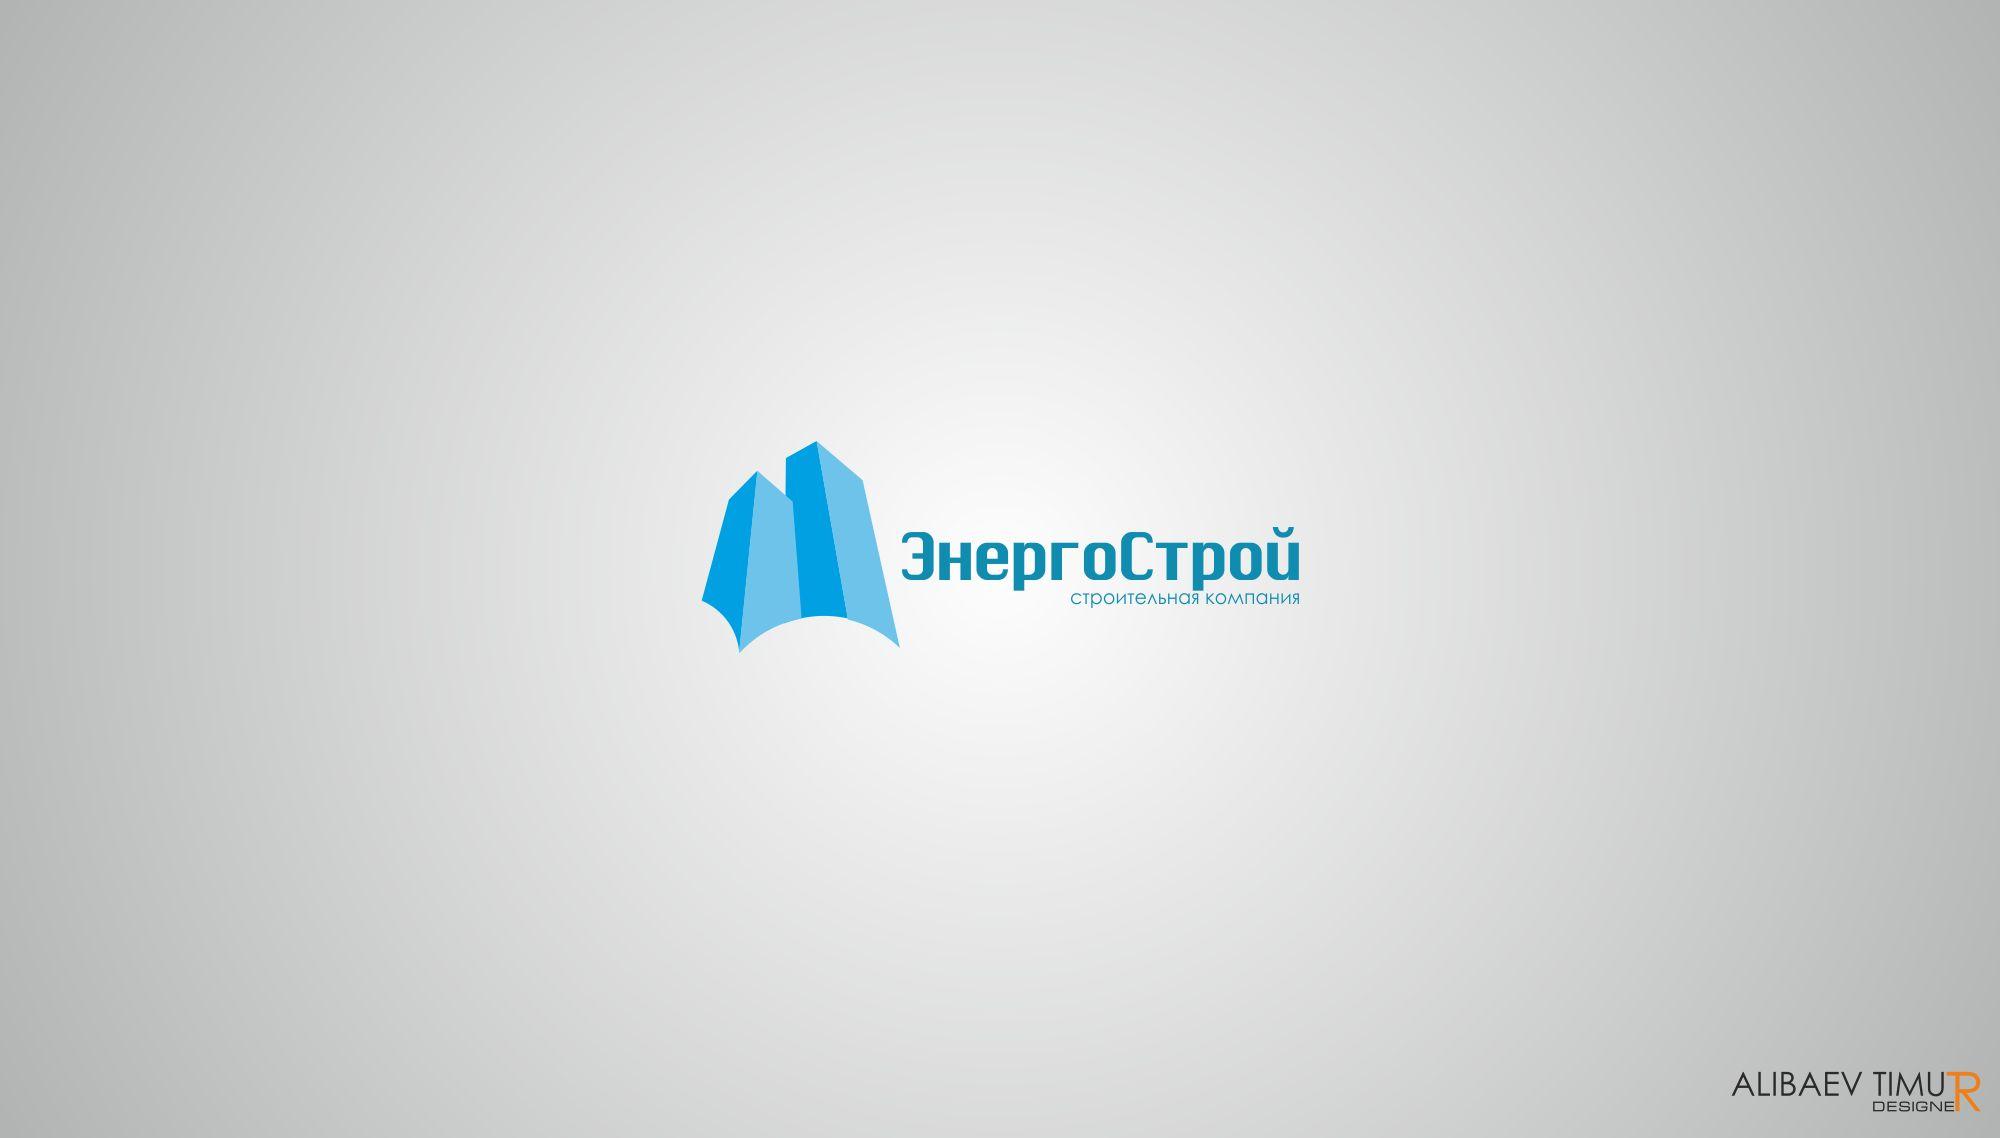 Фирменный стиль для компании ЭнергоСтрой - дизайнер tahalibaev